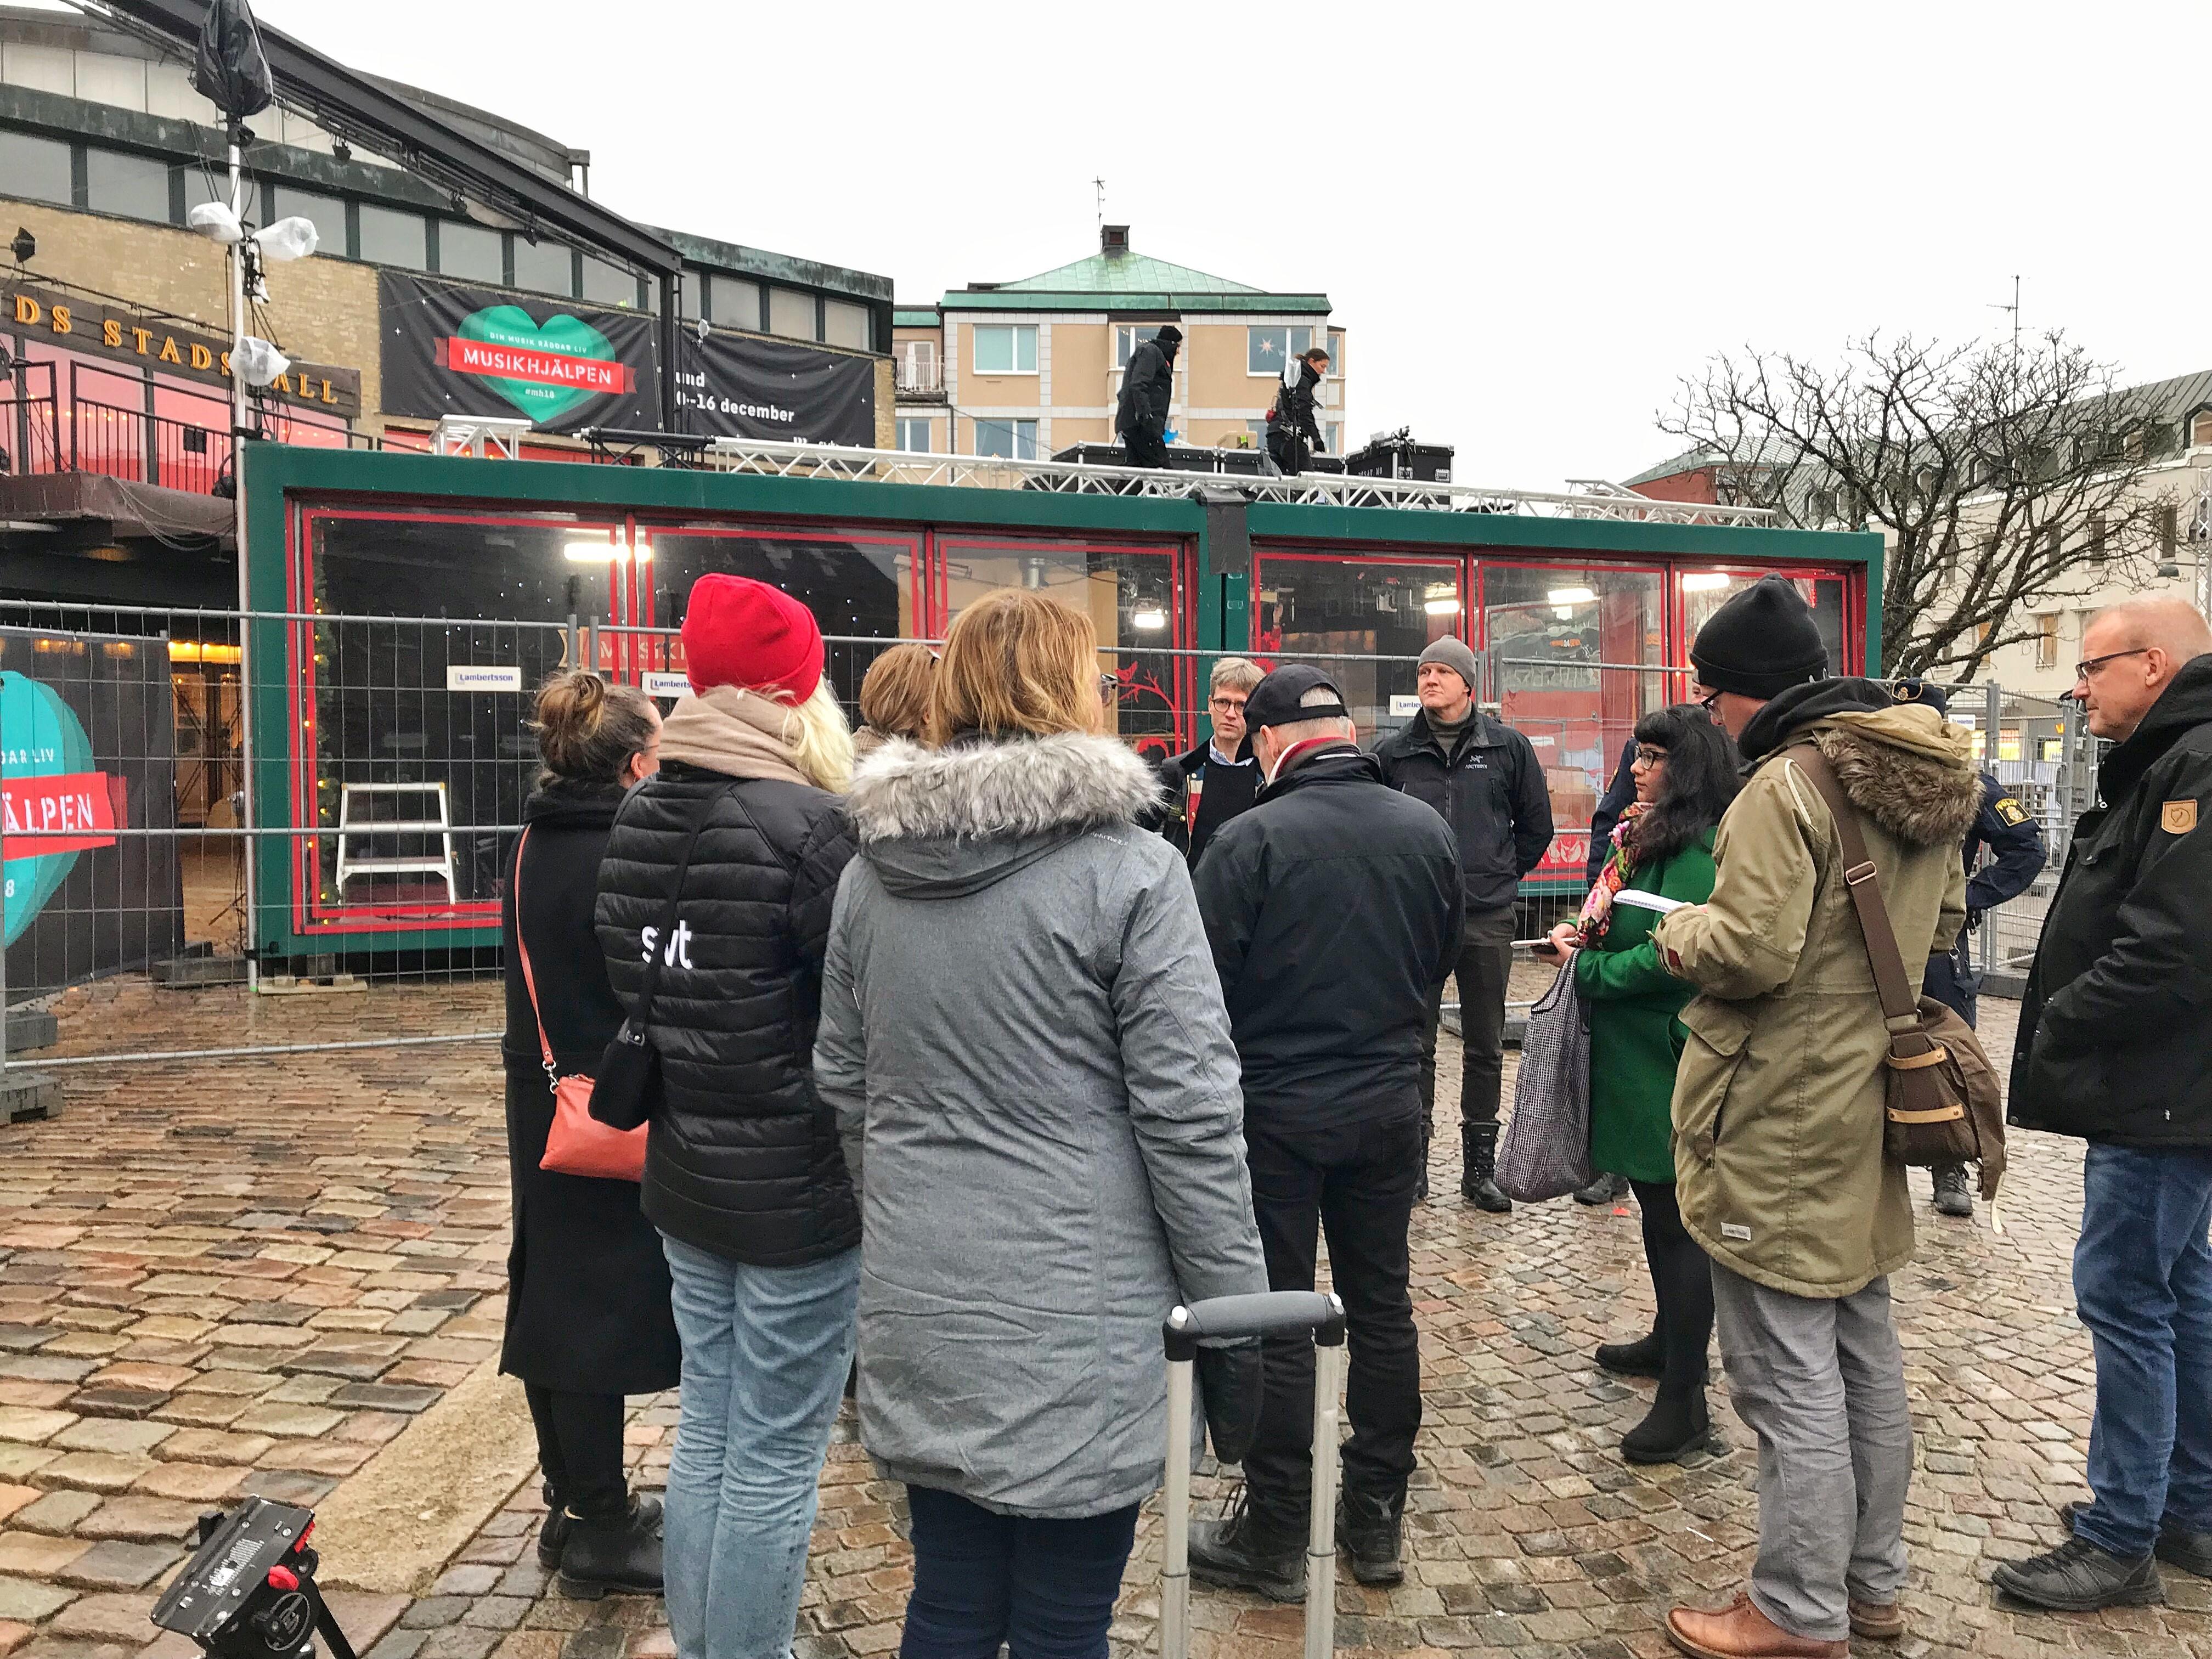 Företrädare för Lunds kommun, Handelsföreningen i Lund och polisen berättade idag om förberedelserna inför att Musikhjälpenveckan inleds i Lund på måndag.